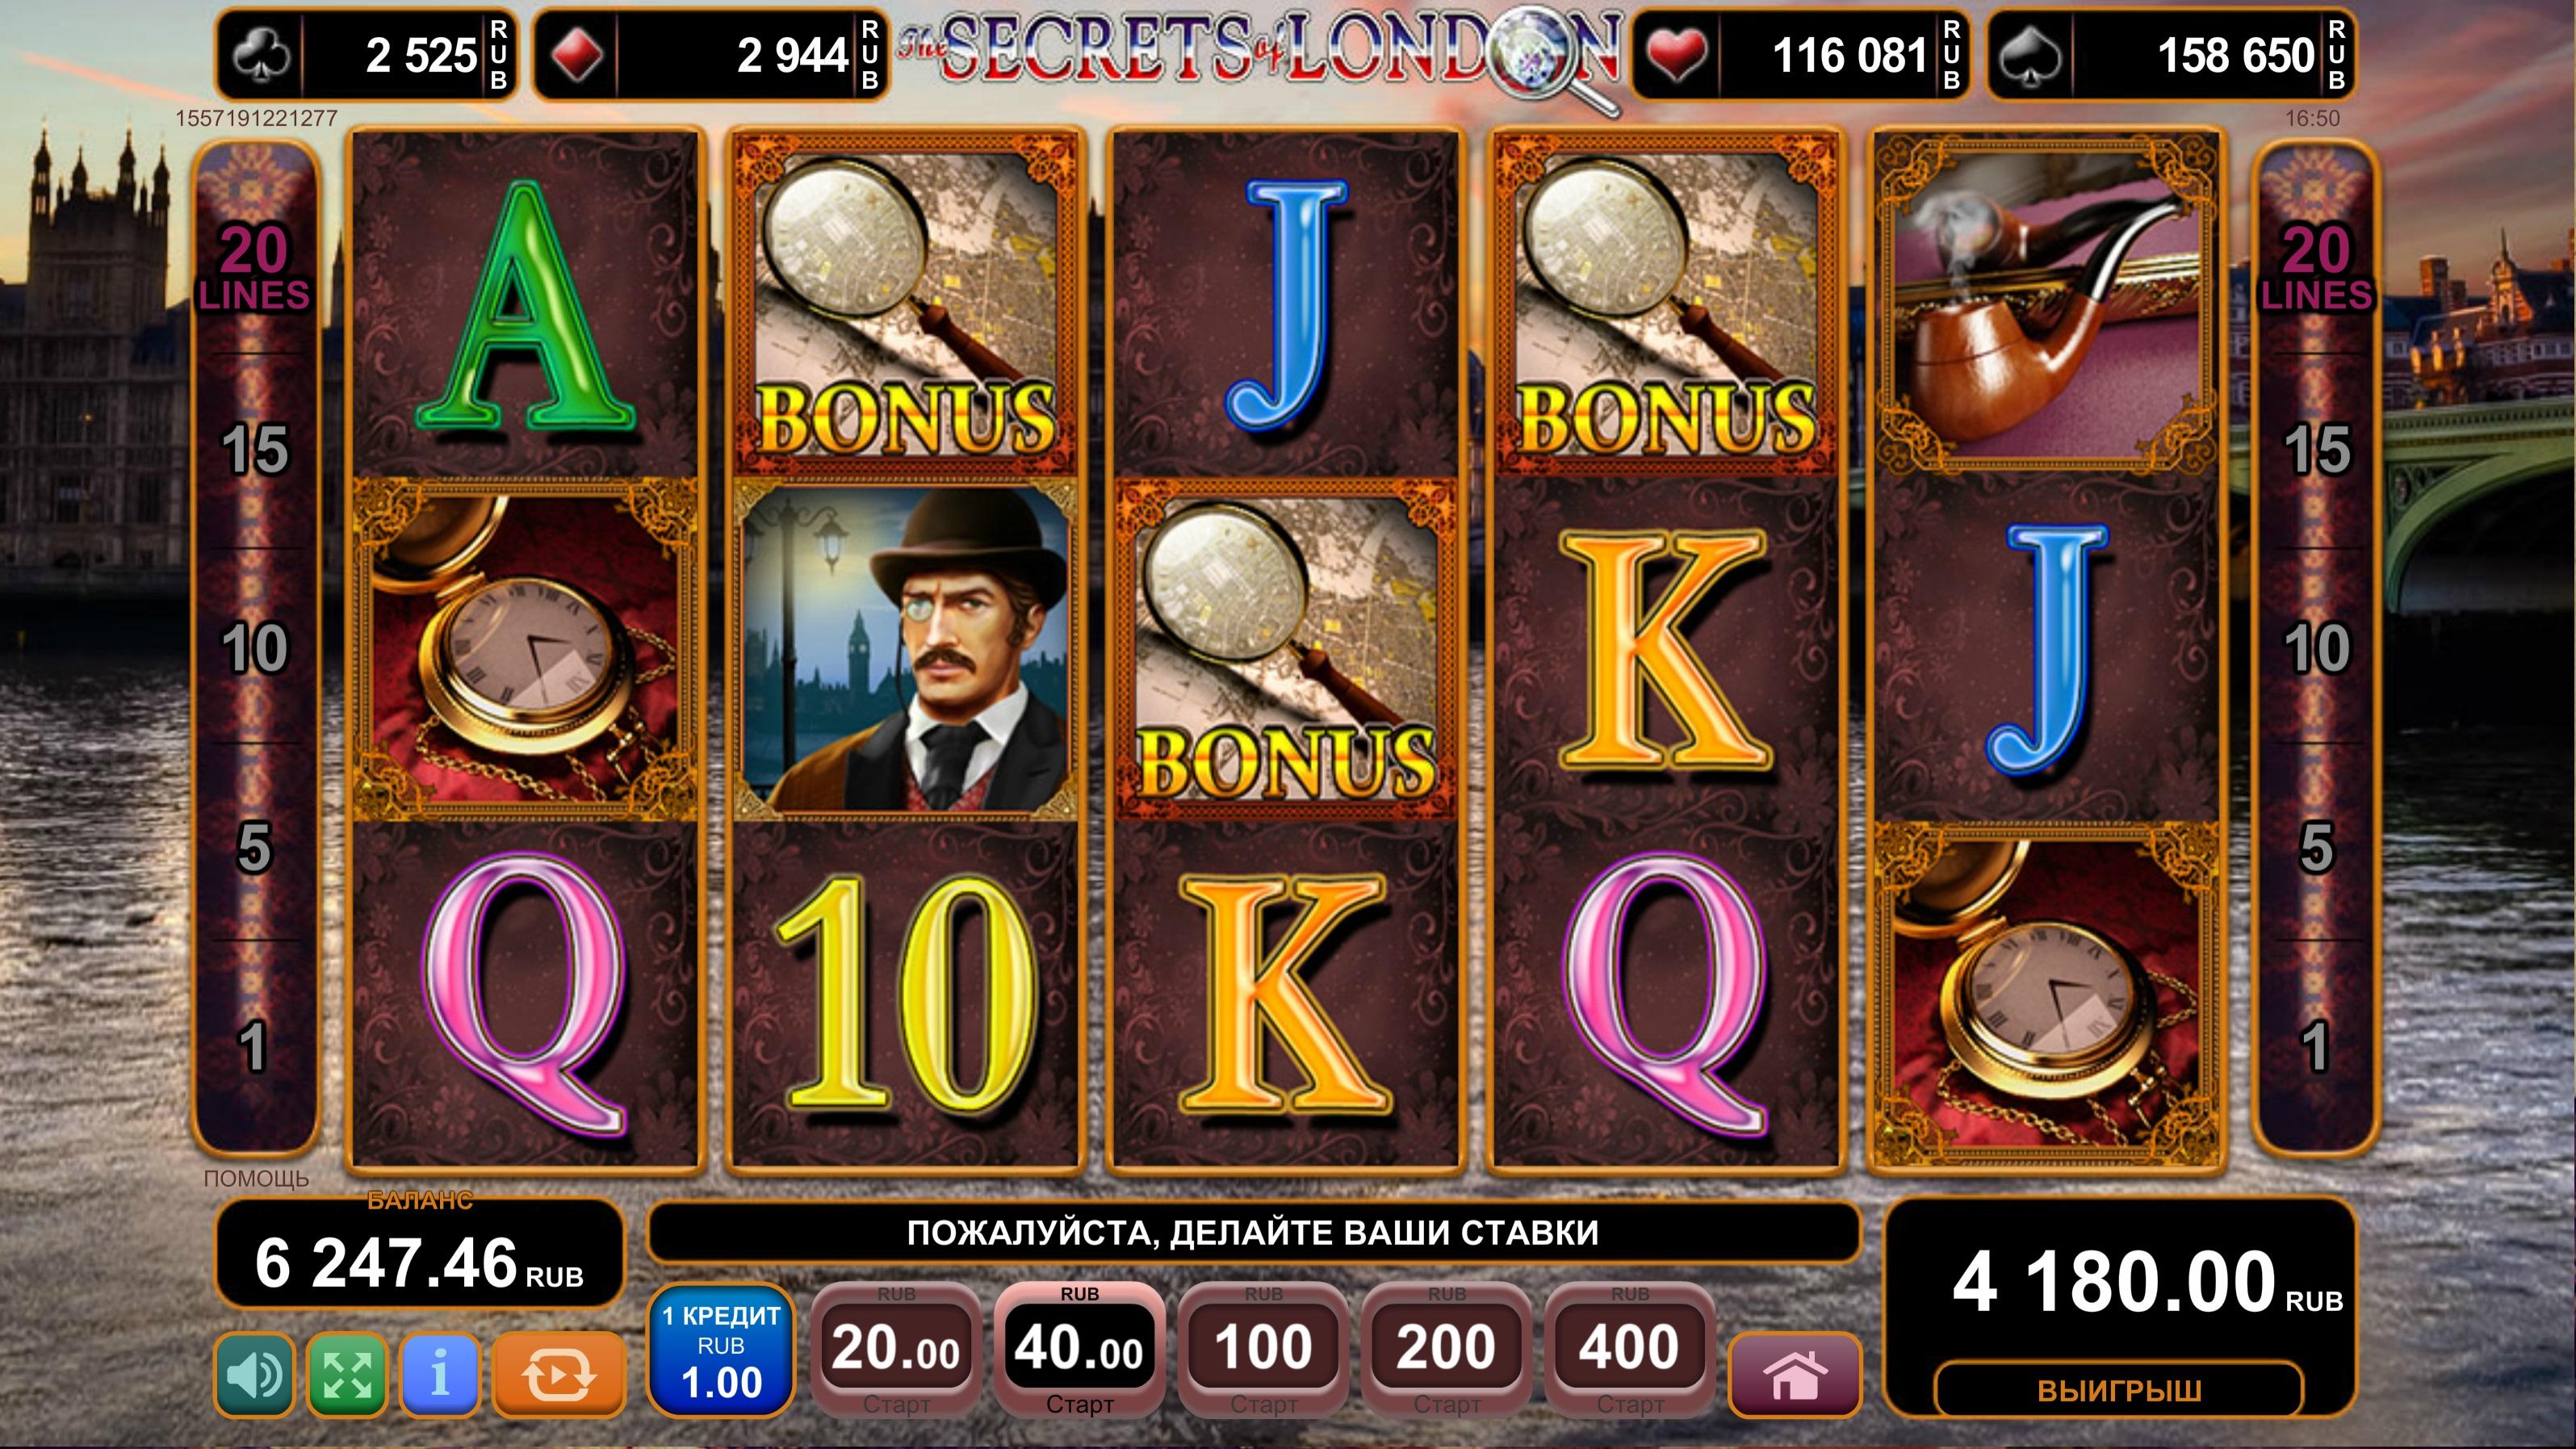 официальный сайт казино победа играть на деньги